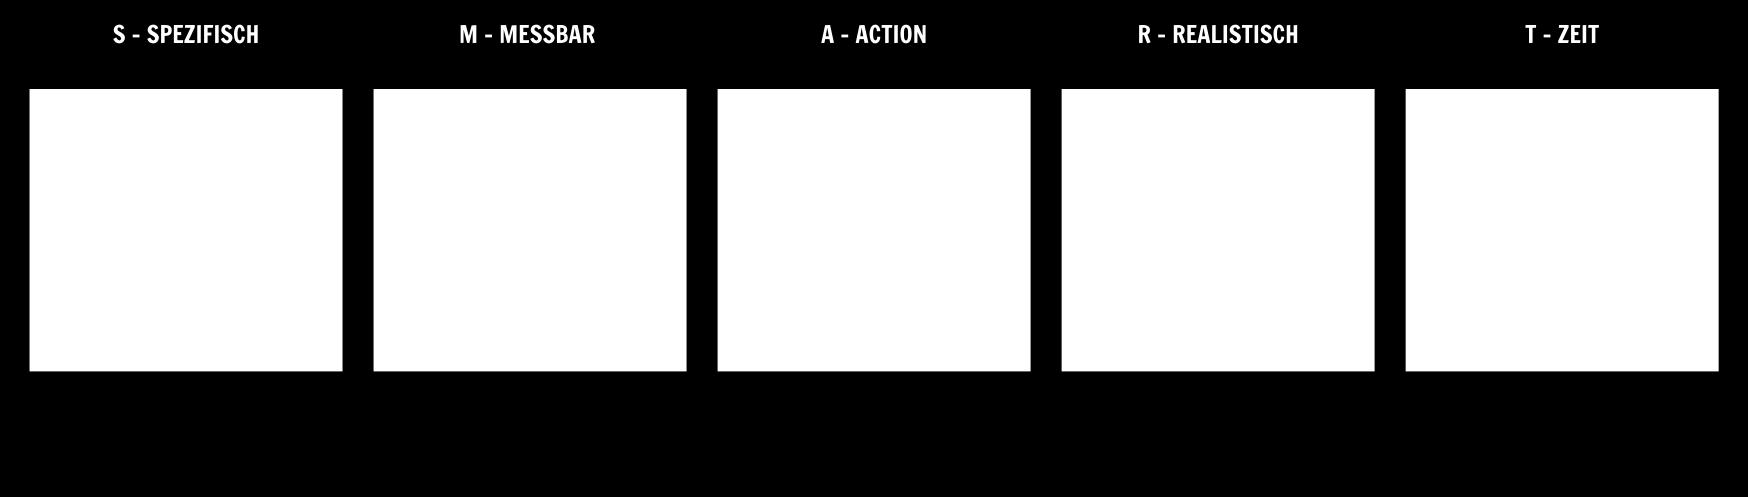 Zielsetzung mit Storyboards | SMART Ziele Beispiele